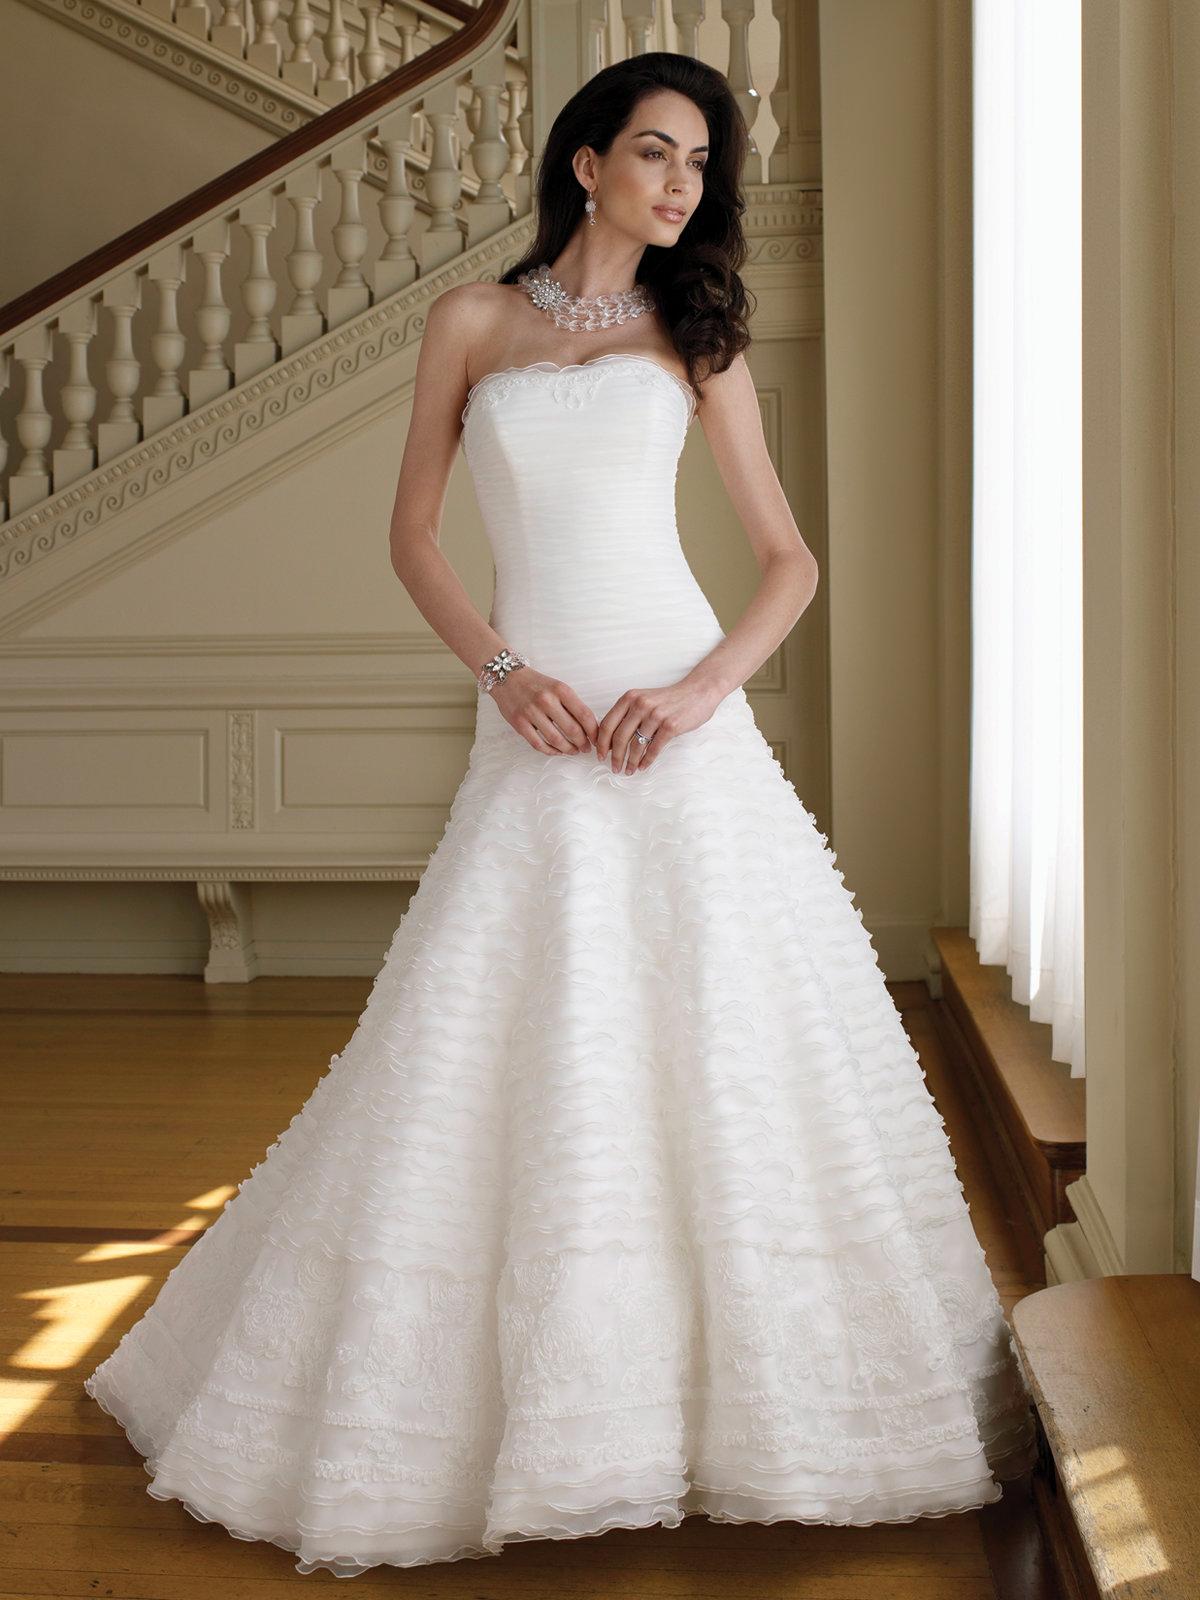 Картинки свадебных не пышных платьев